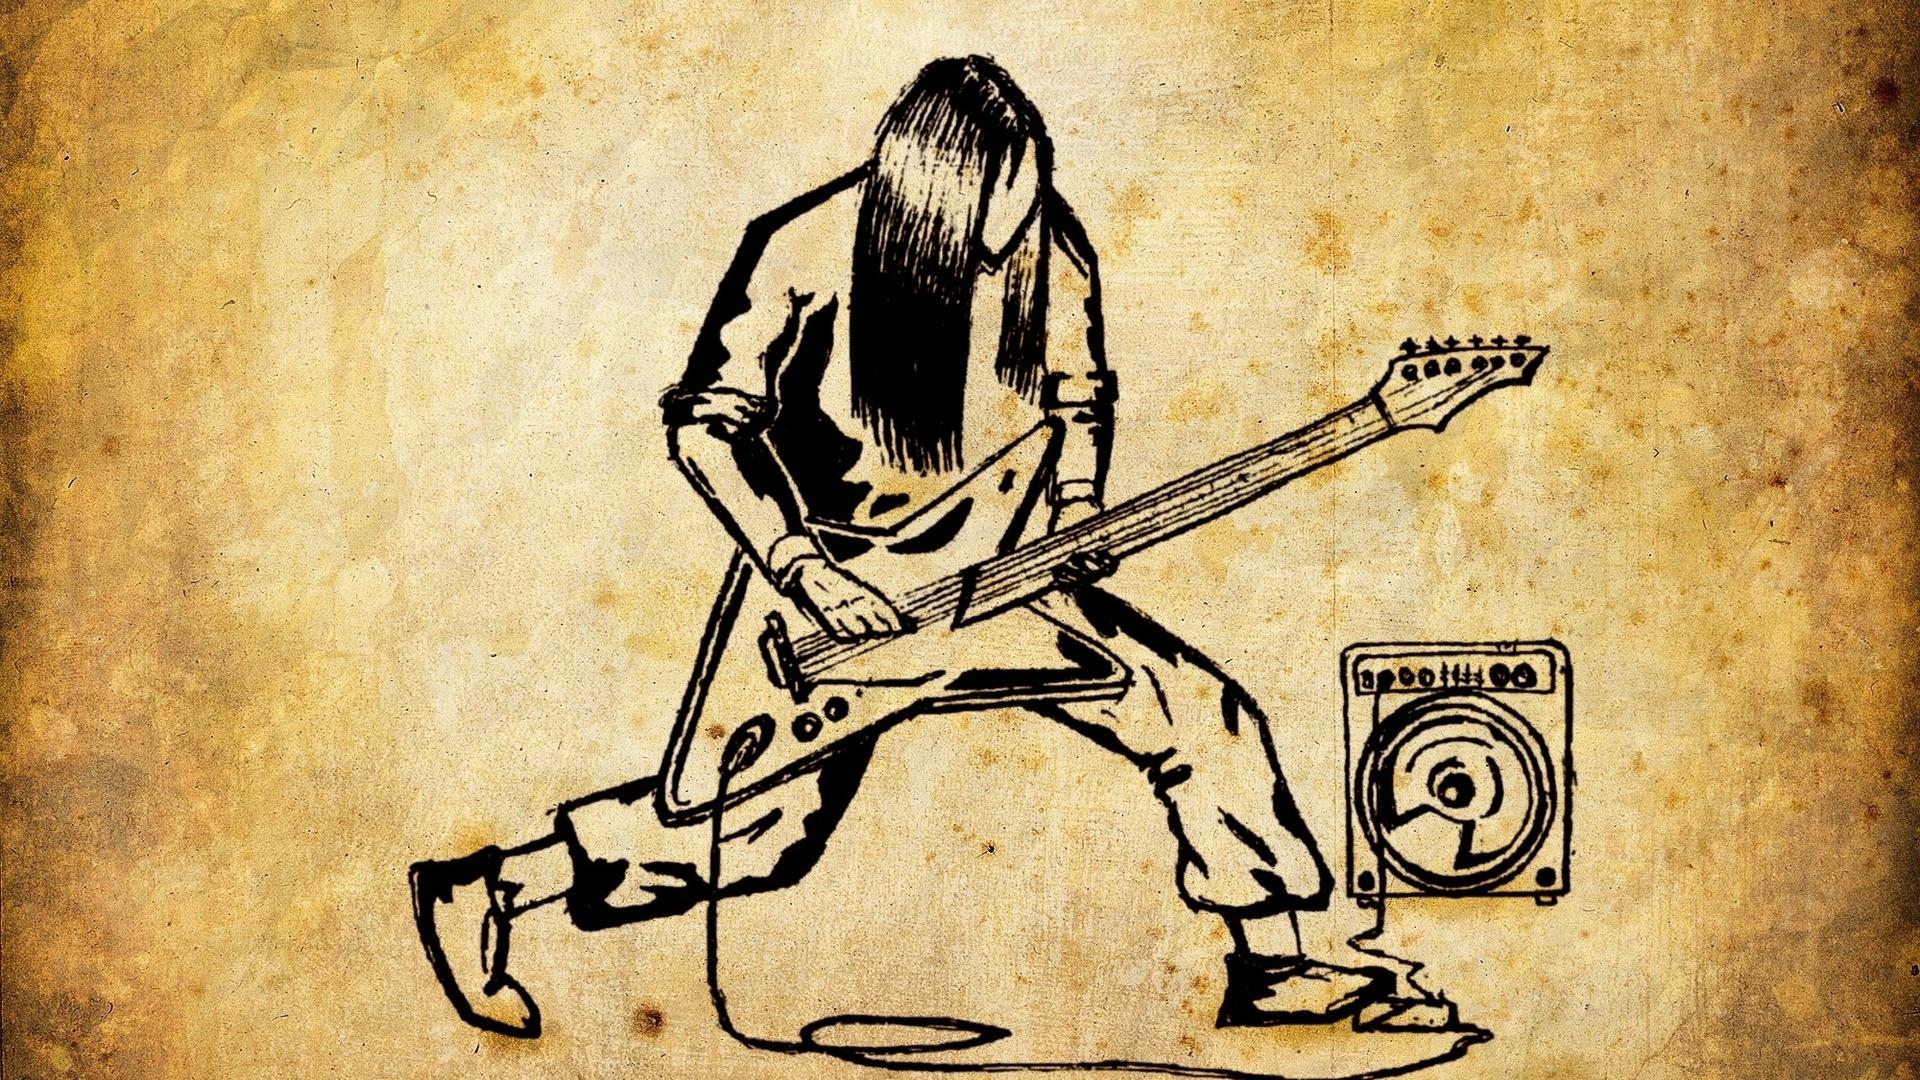 1920x1080-Drawings-Metal-Rock-Old-Paper-Guitar-Rock-Music-wallpaper-wp360766